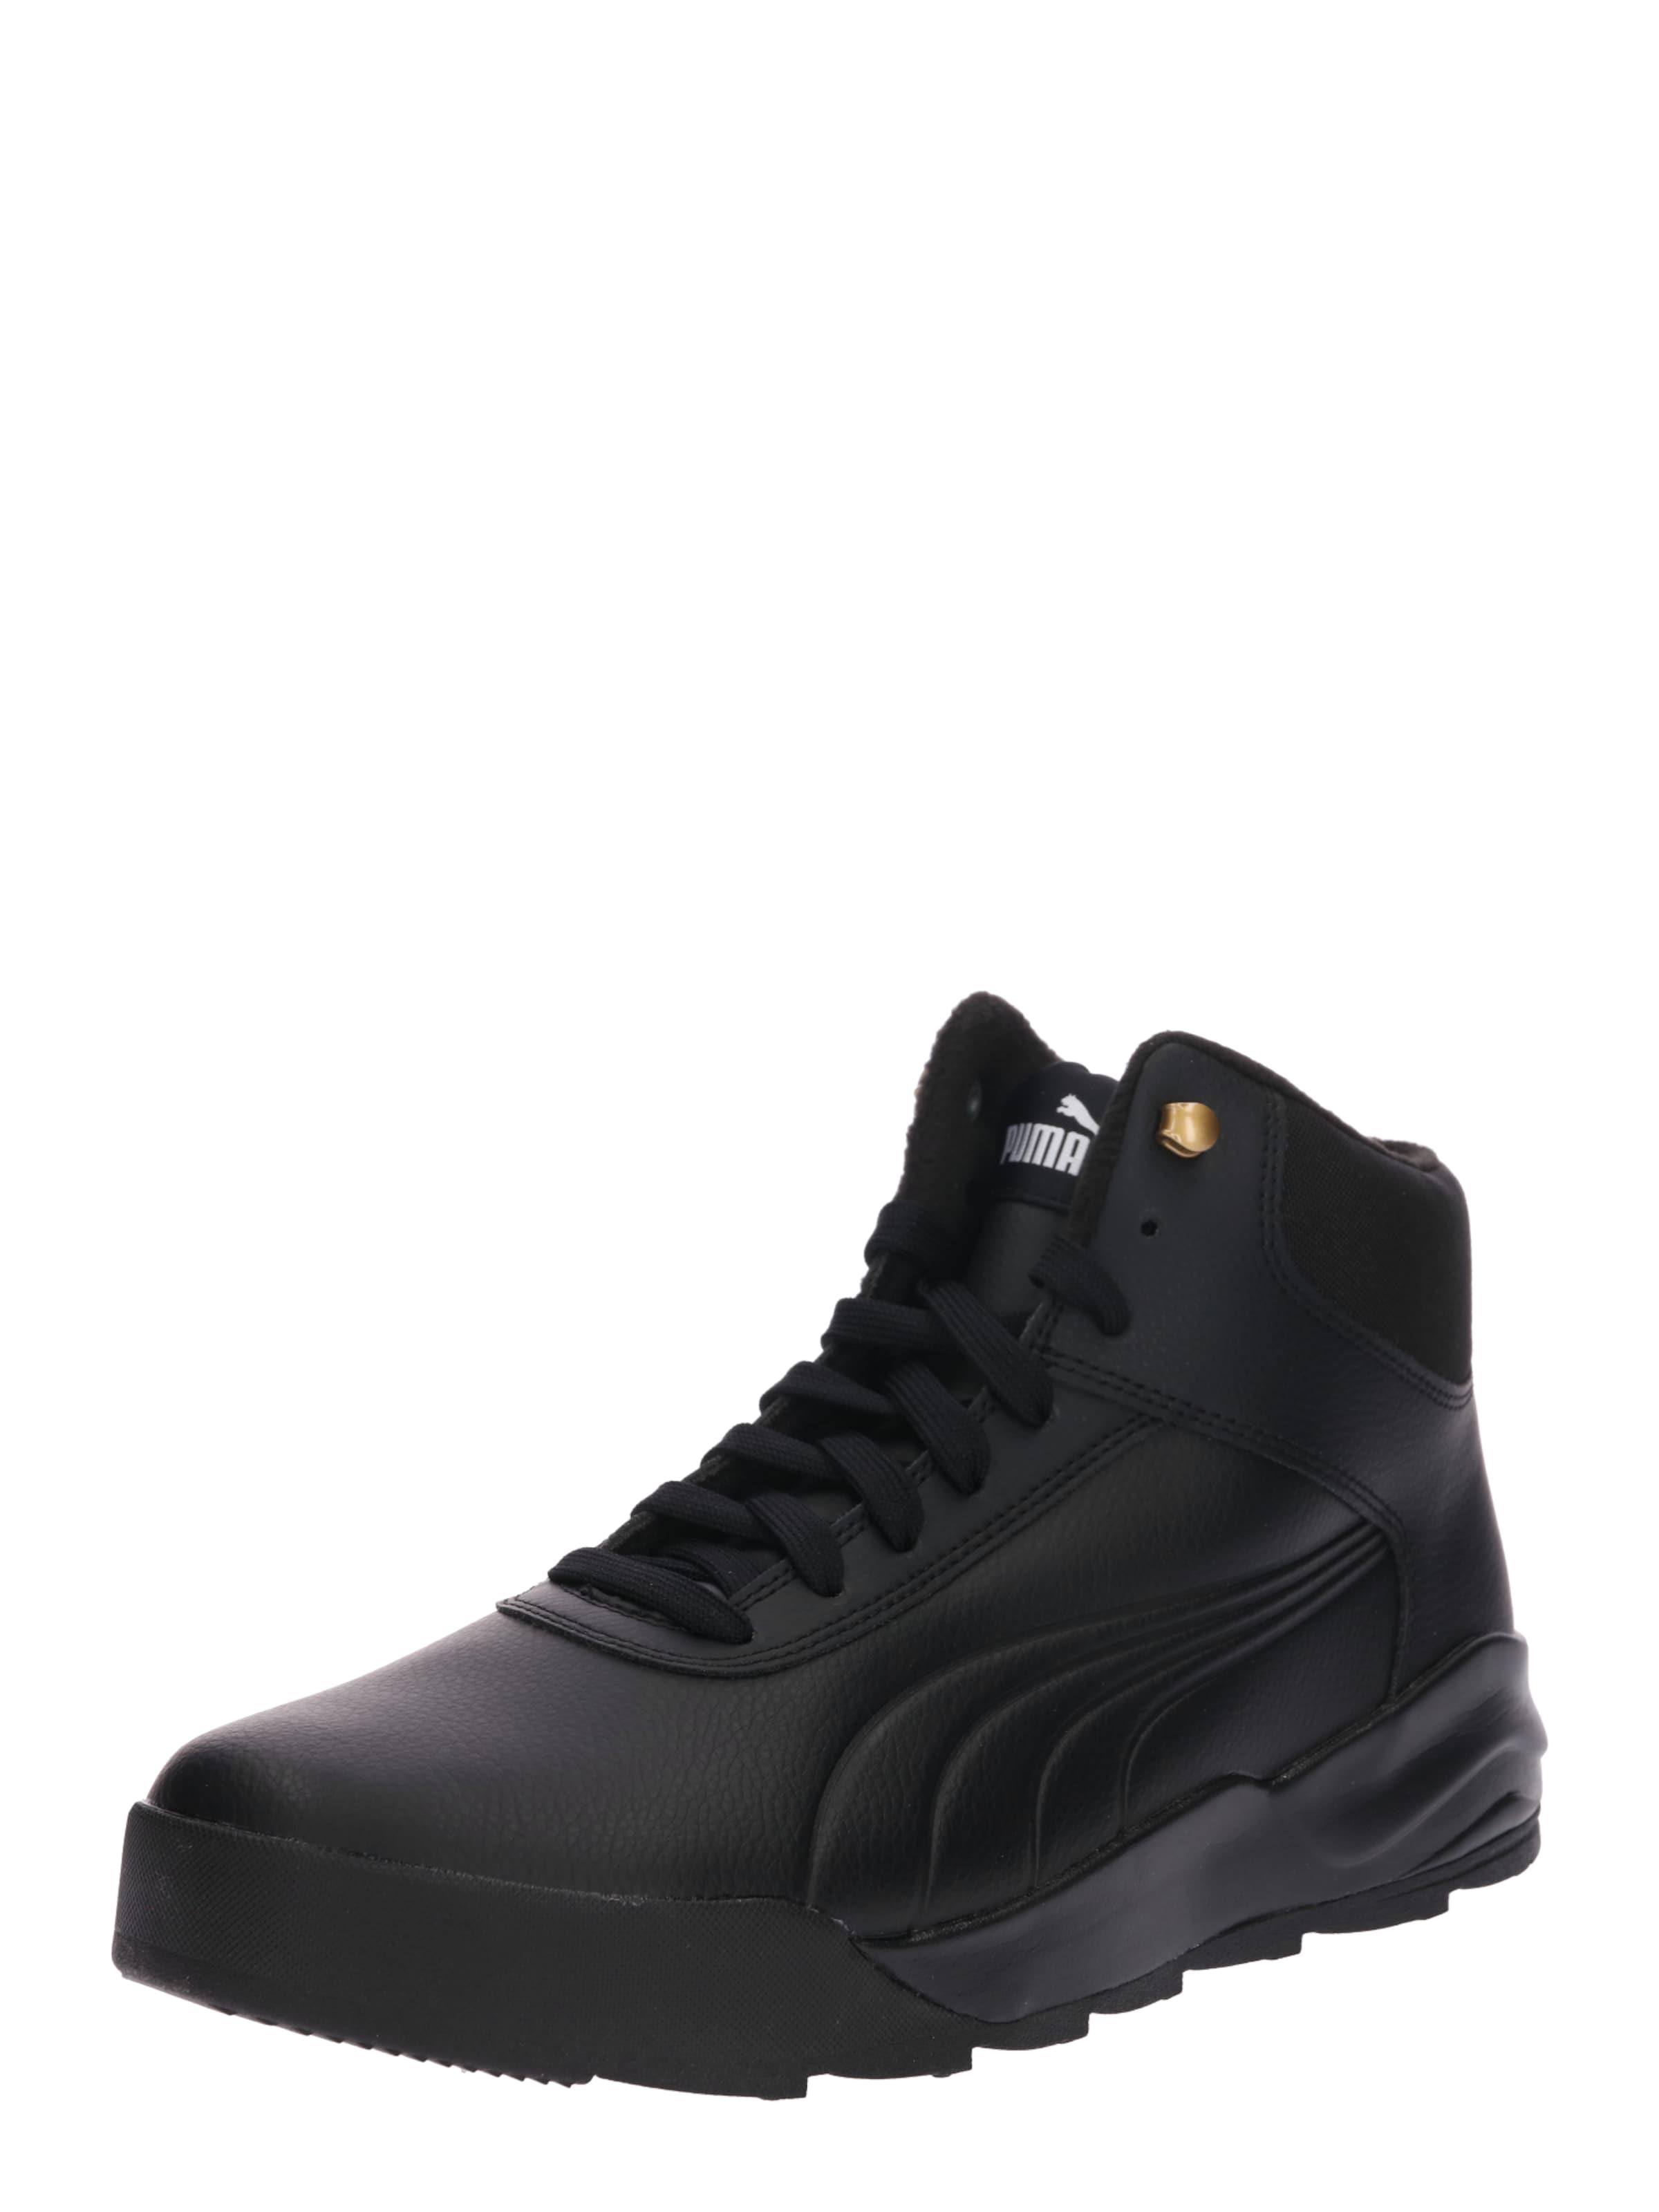 PUMA Sneaker Desierto Verschleißfeste billige Schuhe